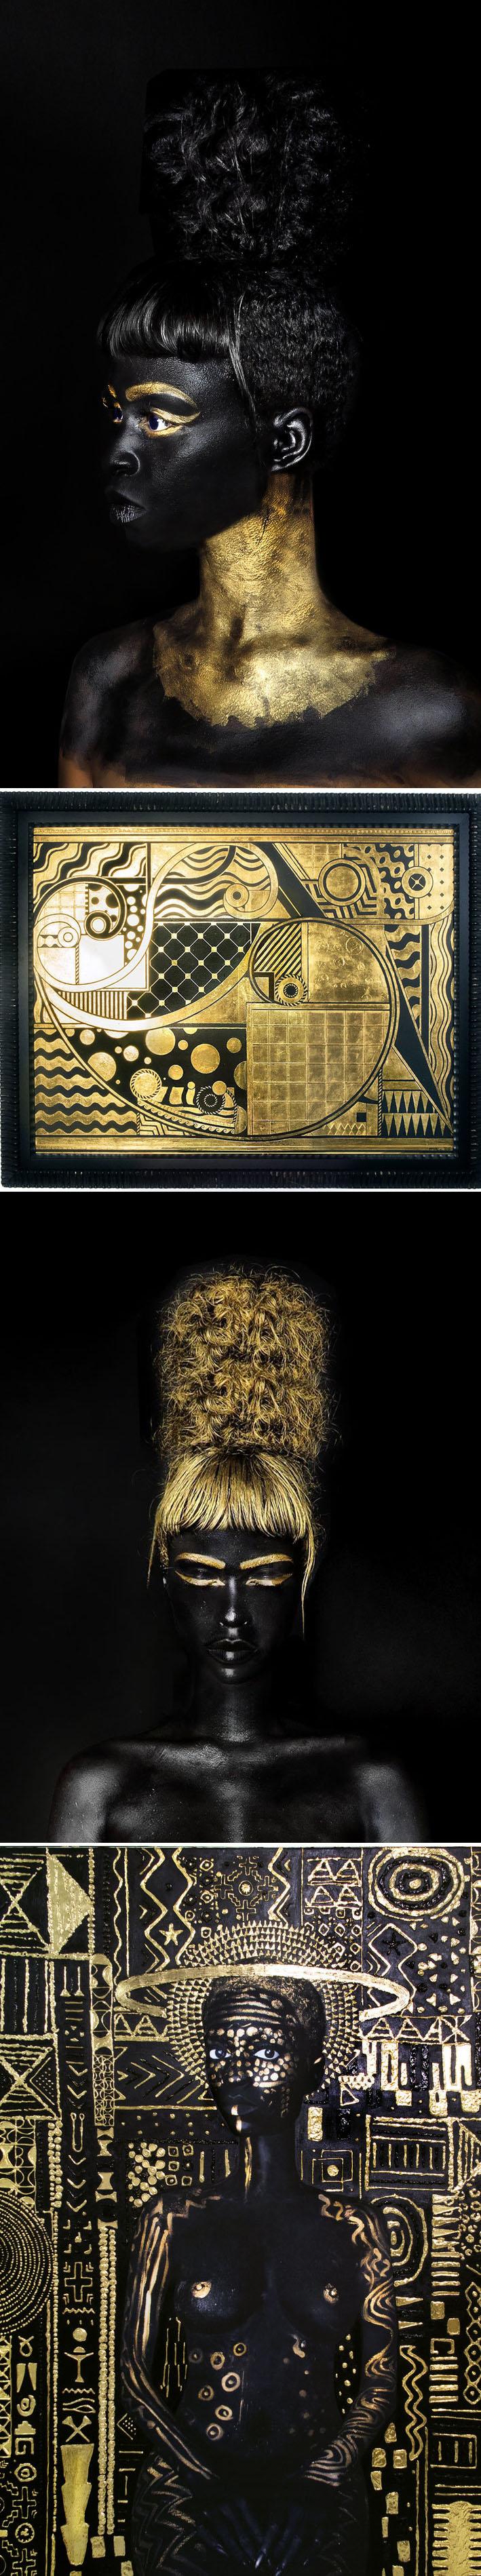 A artista Lina Iris Viktor mescla alta moda com hip hop e desenhos geométricos Art Nouveau stylo urbano-2